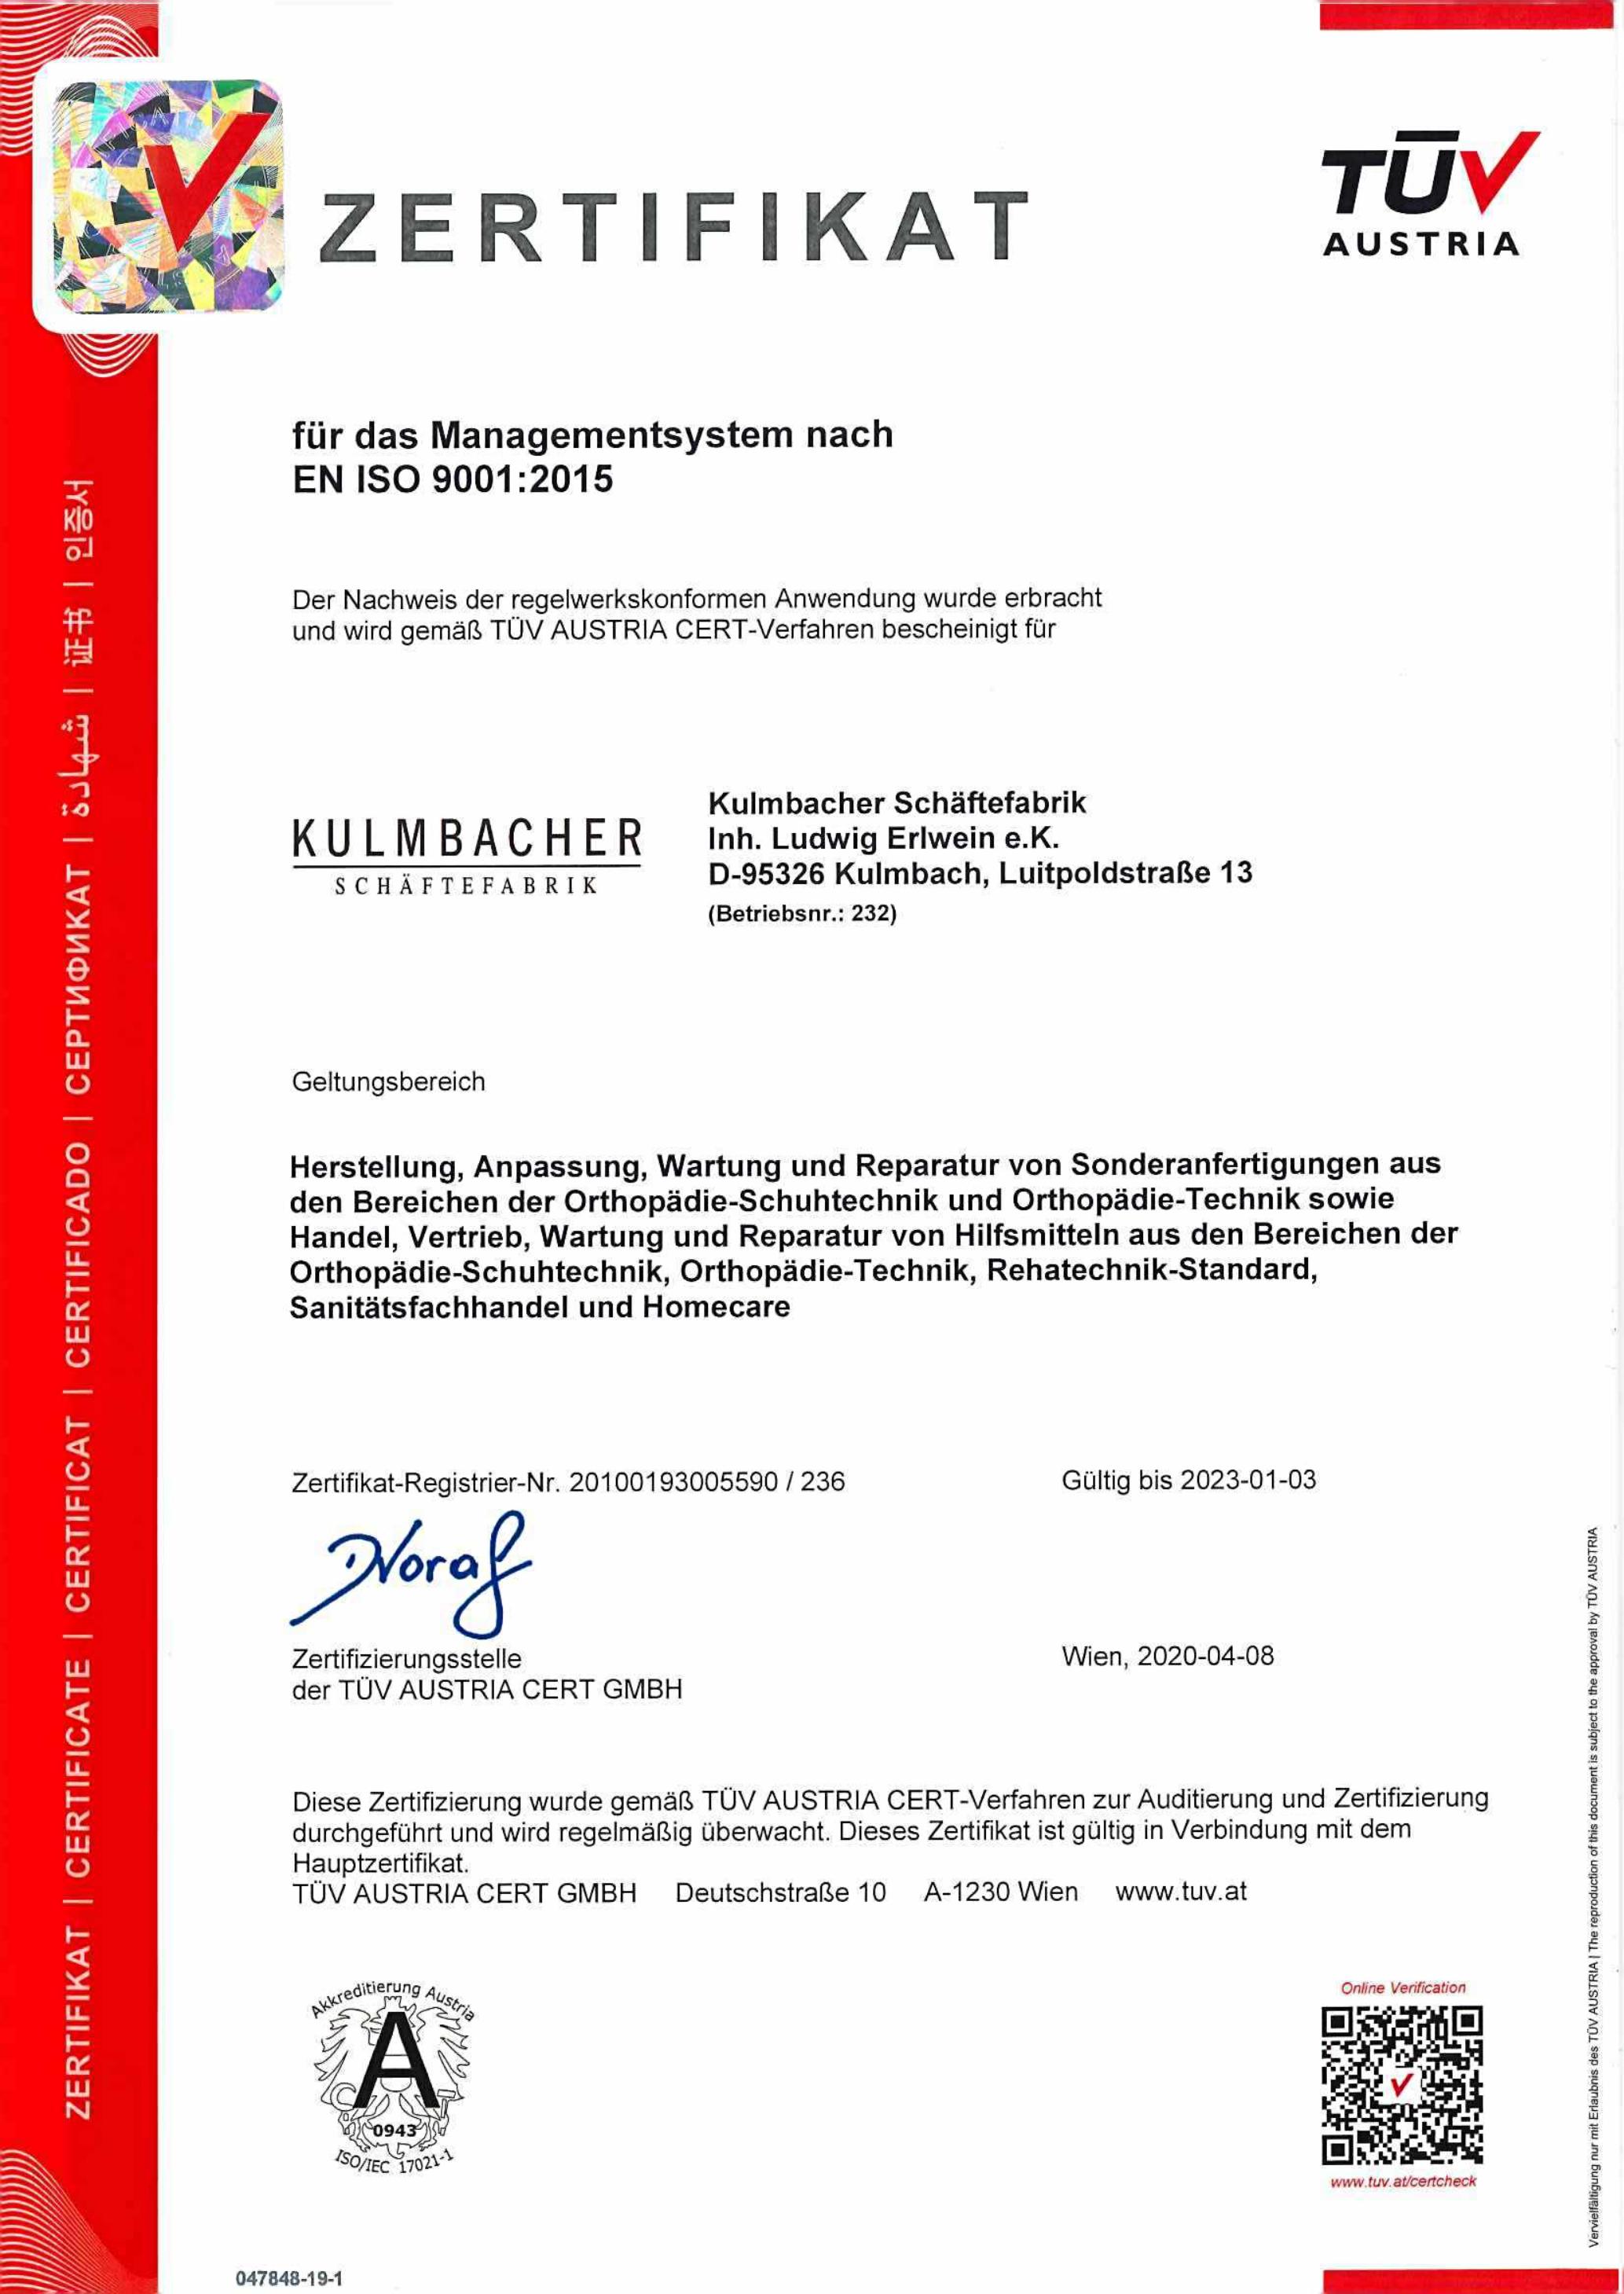 Zertifikat ISO 9001 Kulmbacher Schäftefabrik 2020